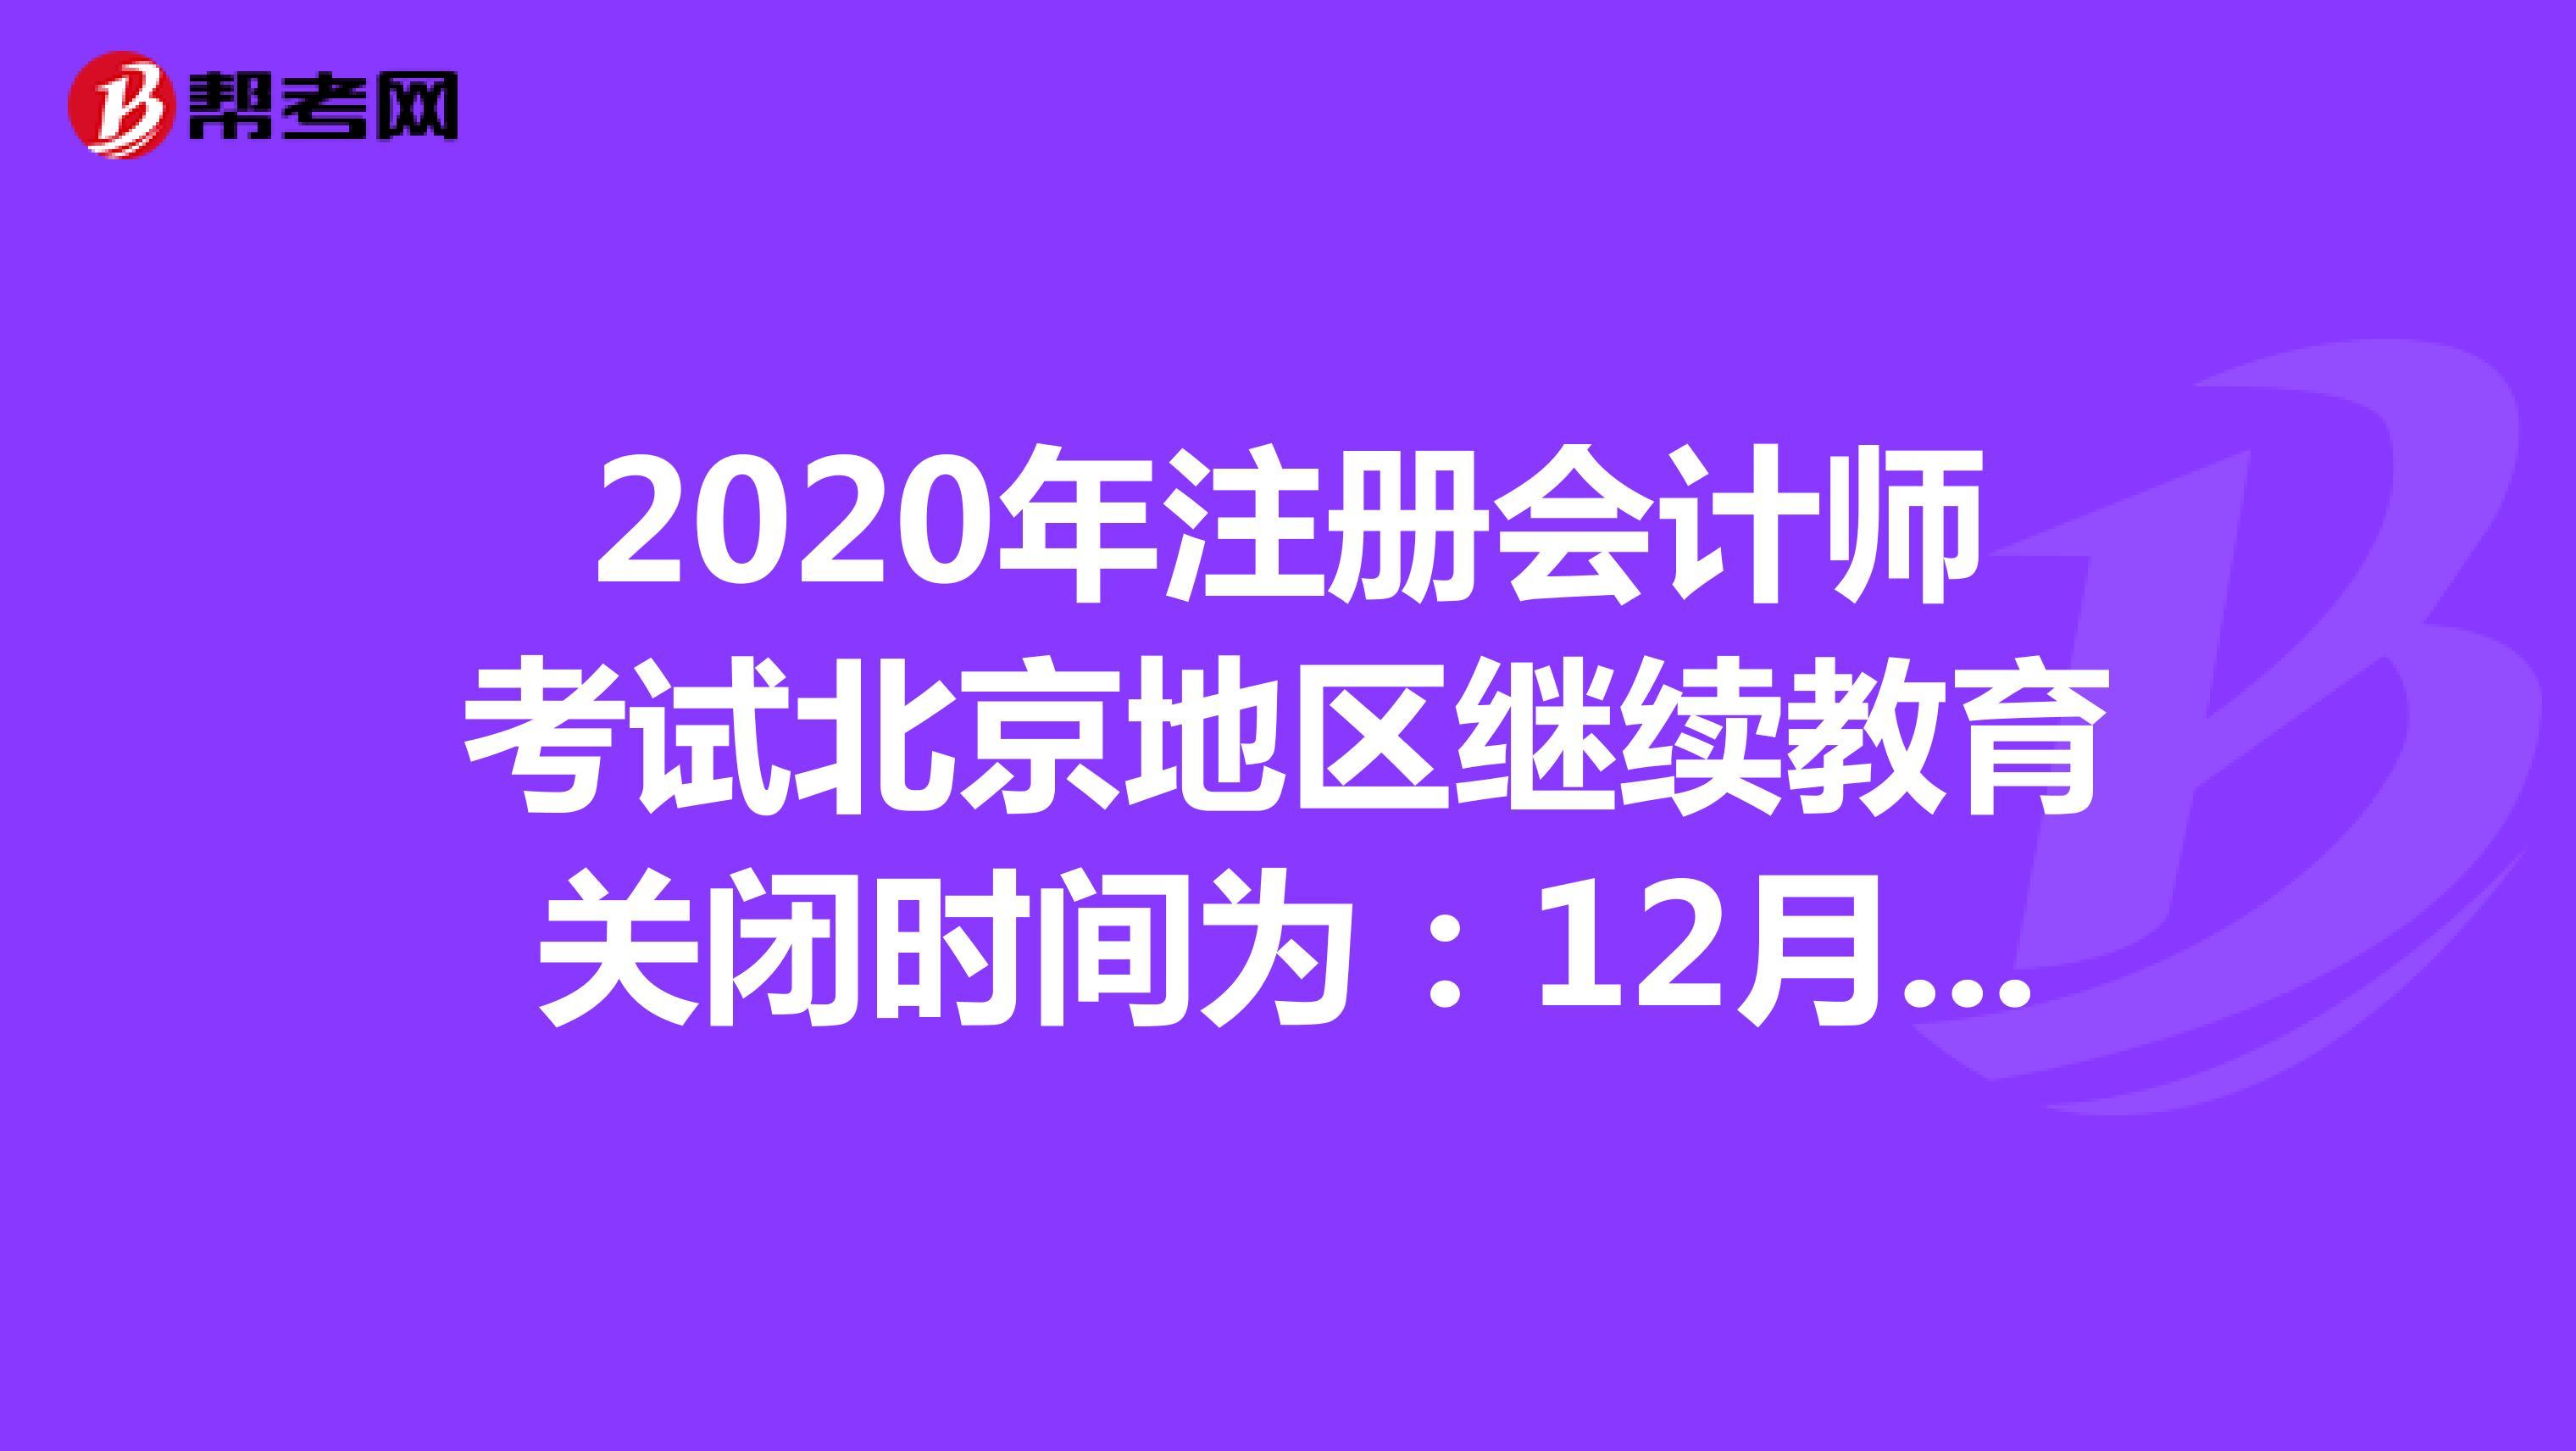 2020年注冊會計師考試北京地區繼續教育關閉時間為:12月20日!